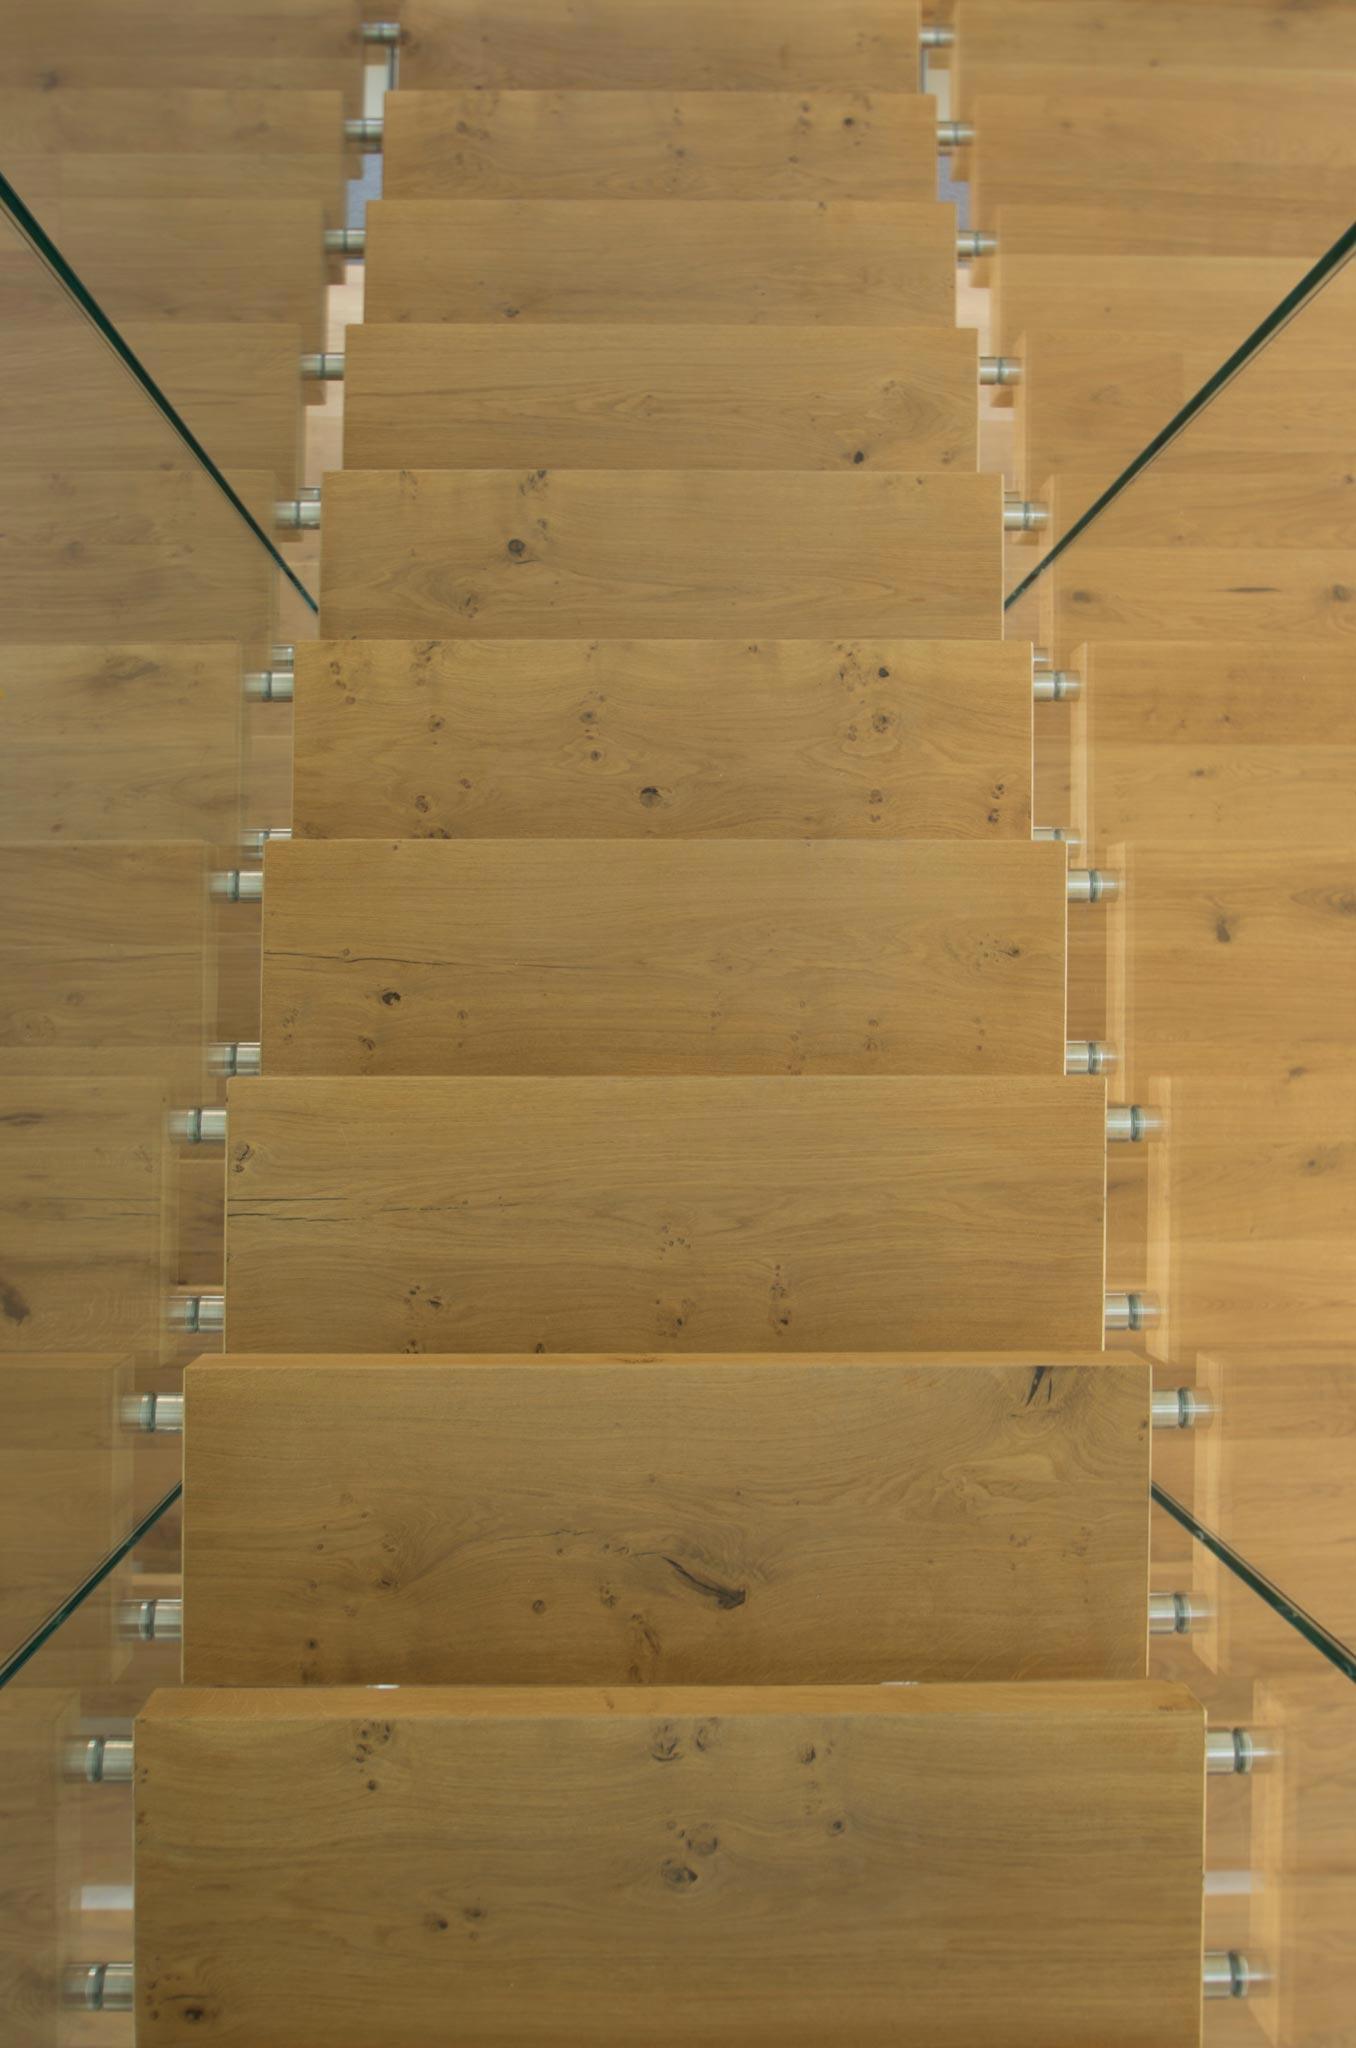 ES Amg escalier vtc 20 05 004 - Montée en transparence